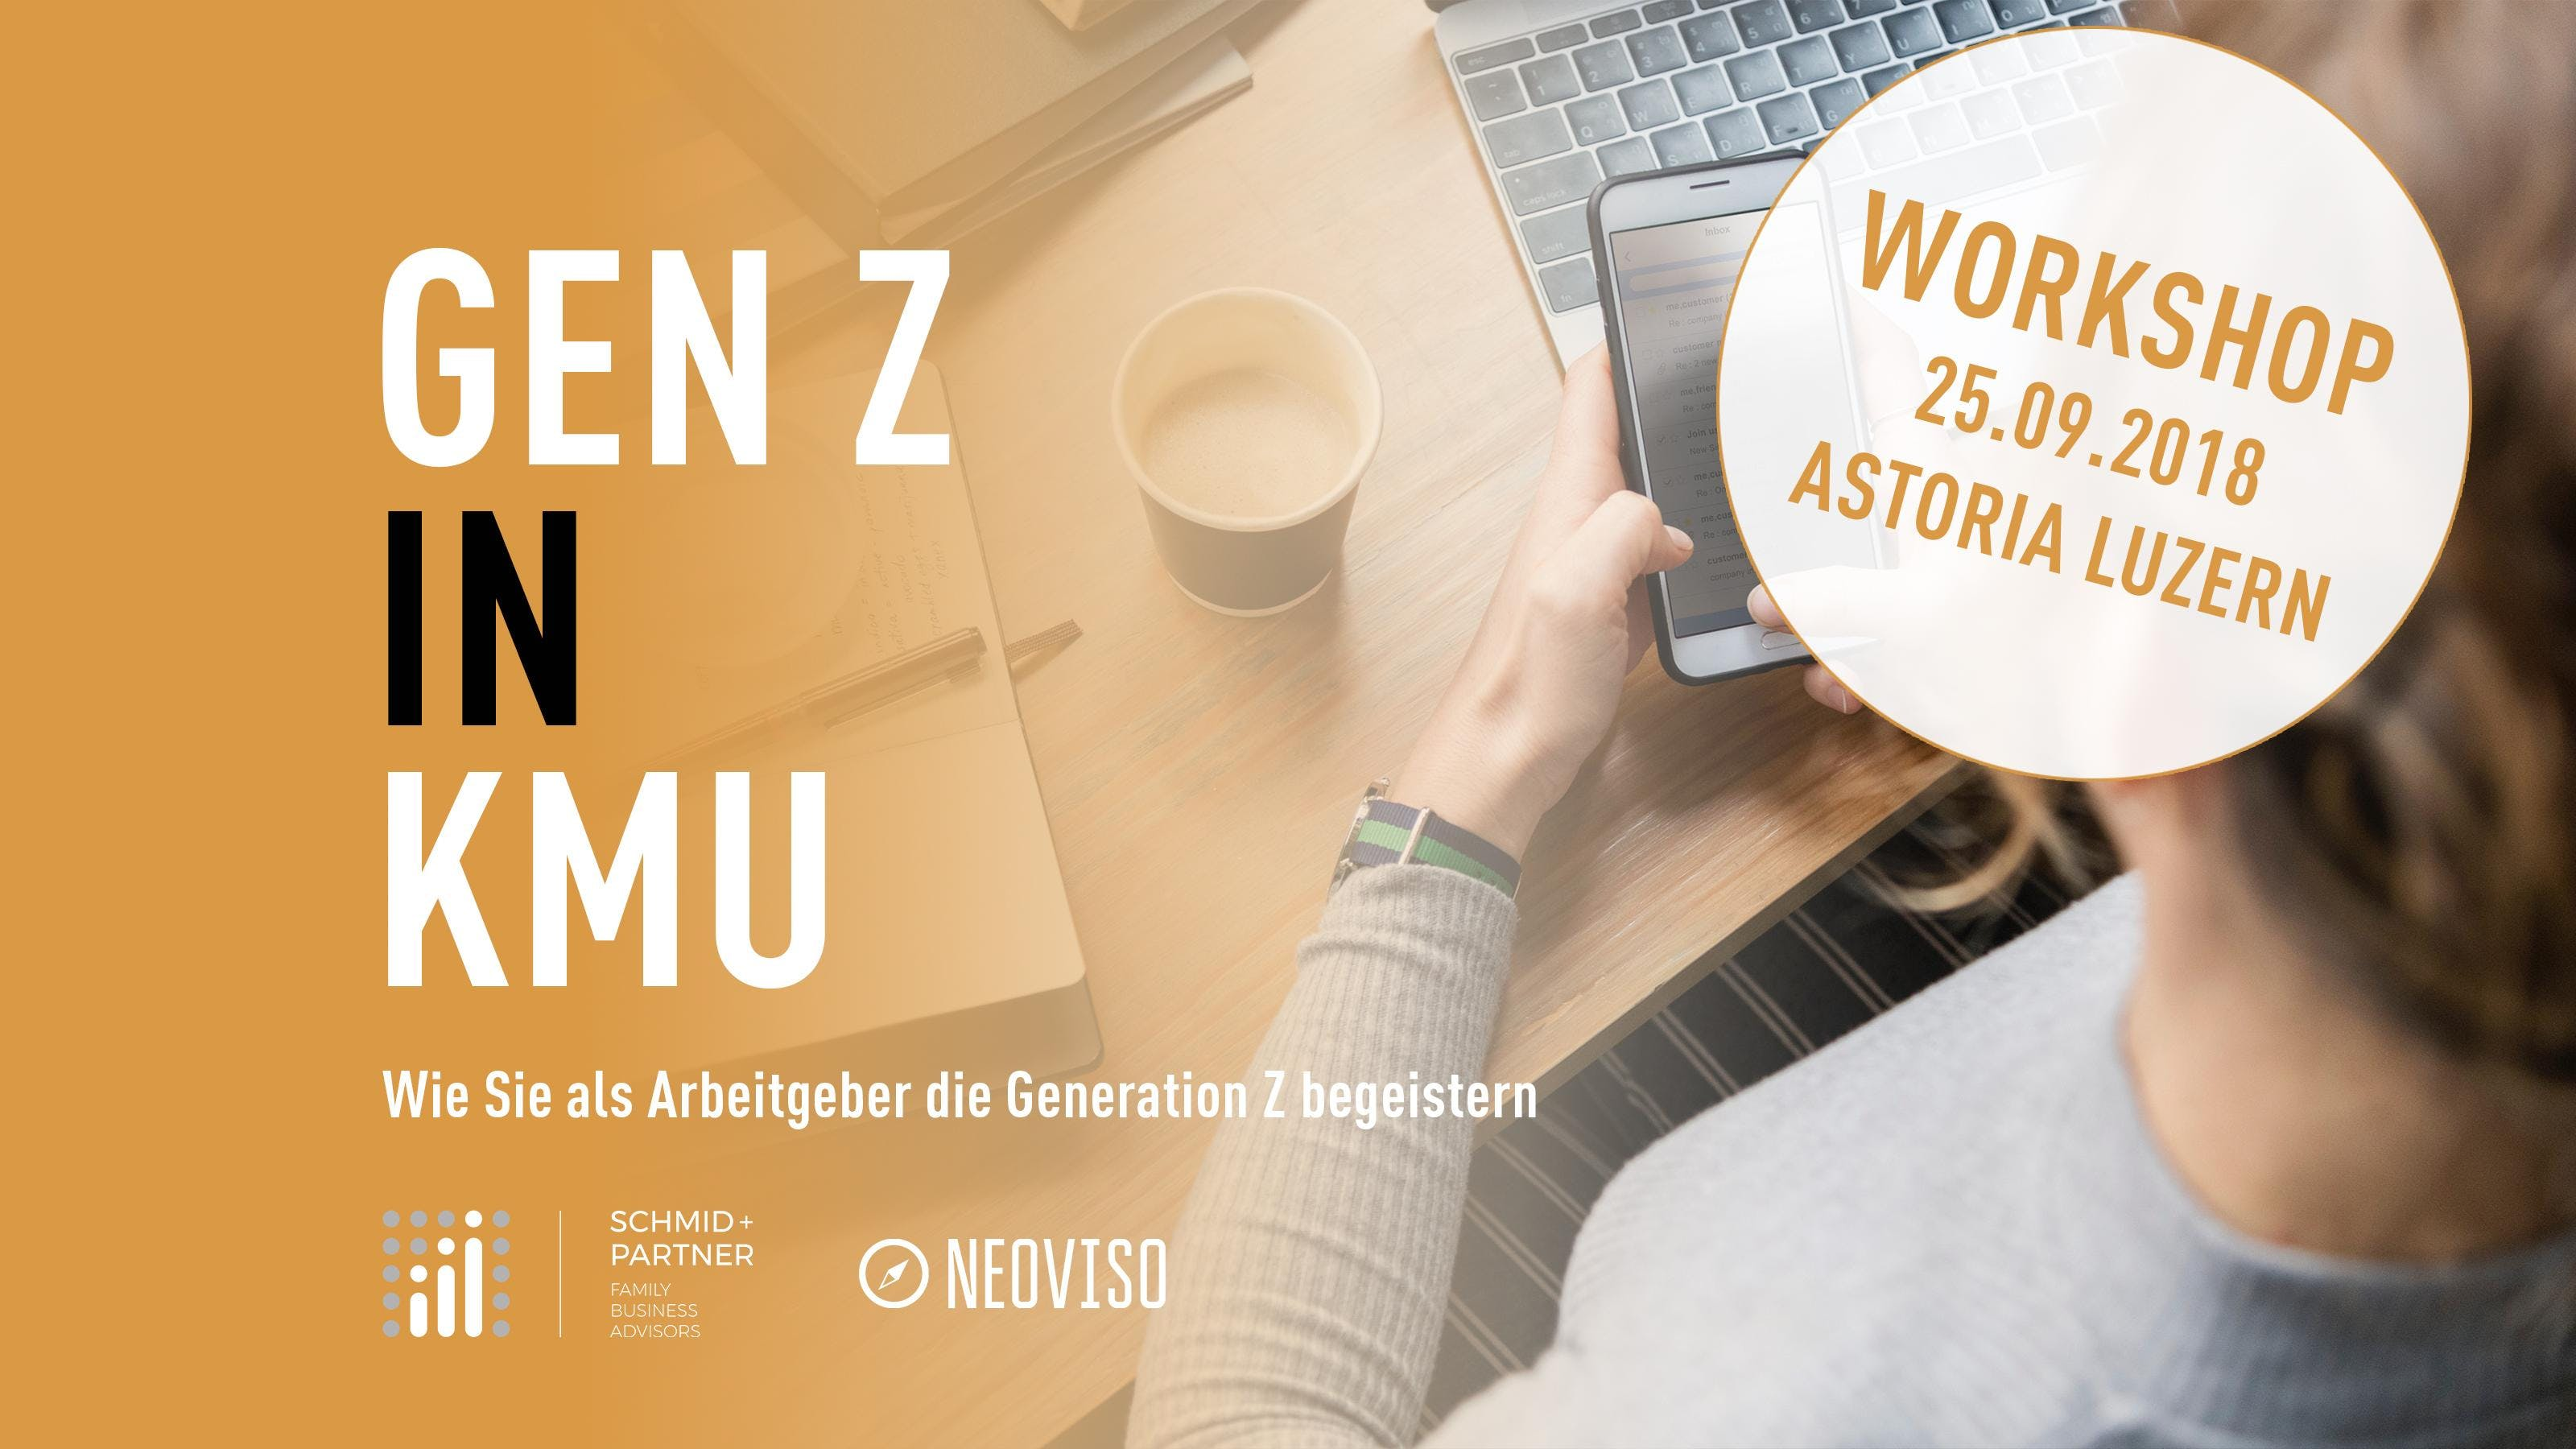 Generation Z in KMU - Wie Sie als Arbeitgeber die junge Generation begeistern (Workshop)